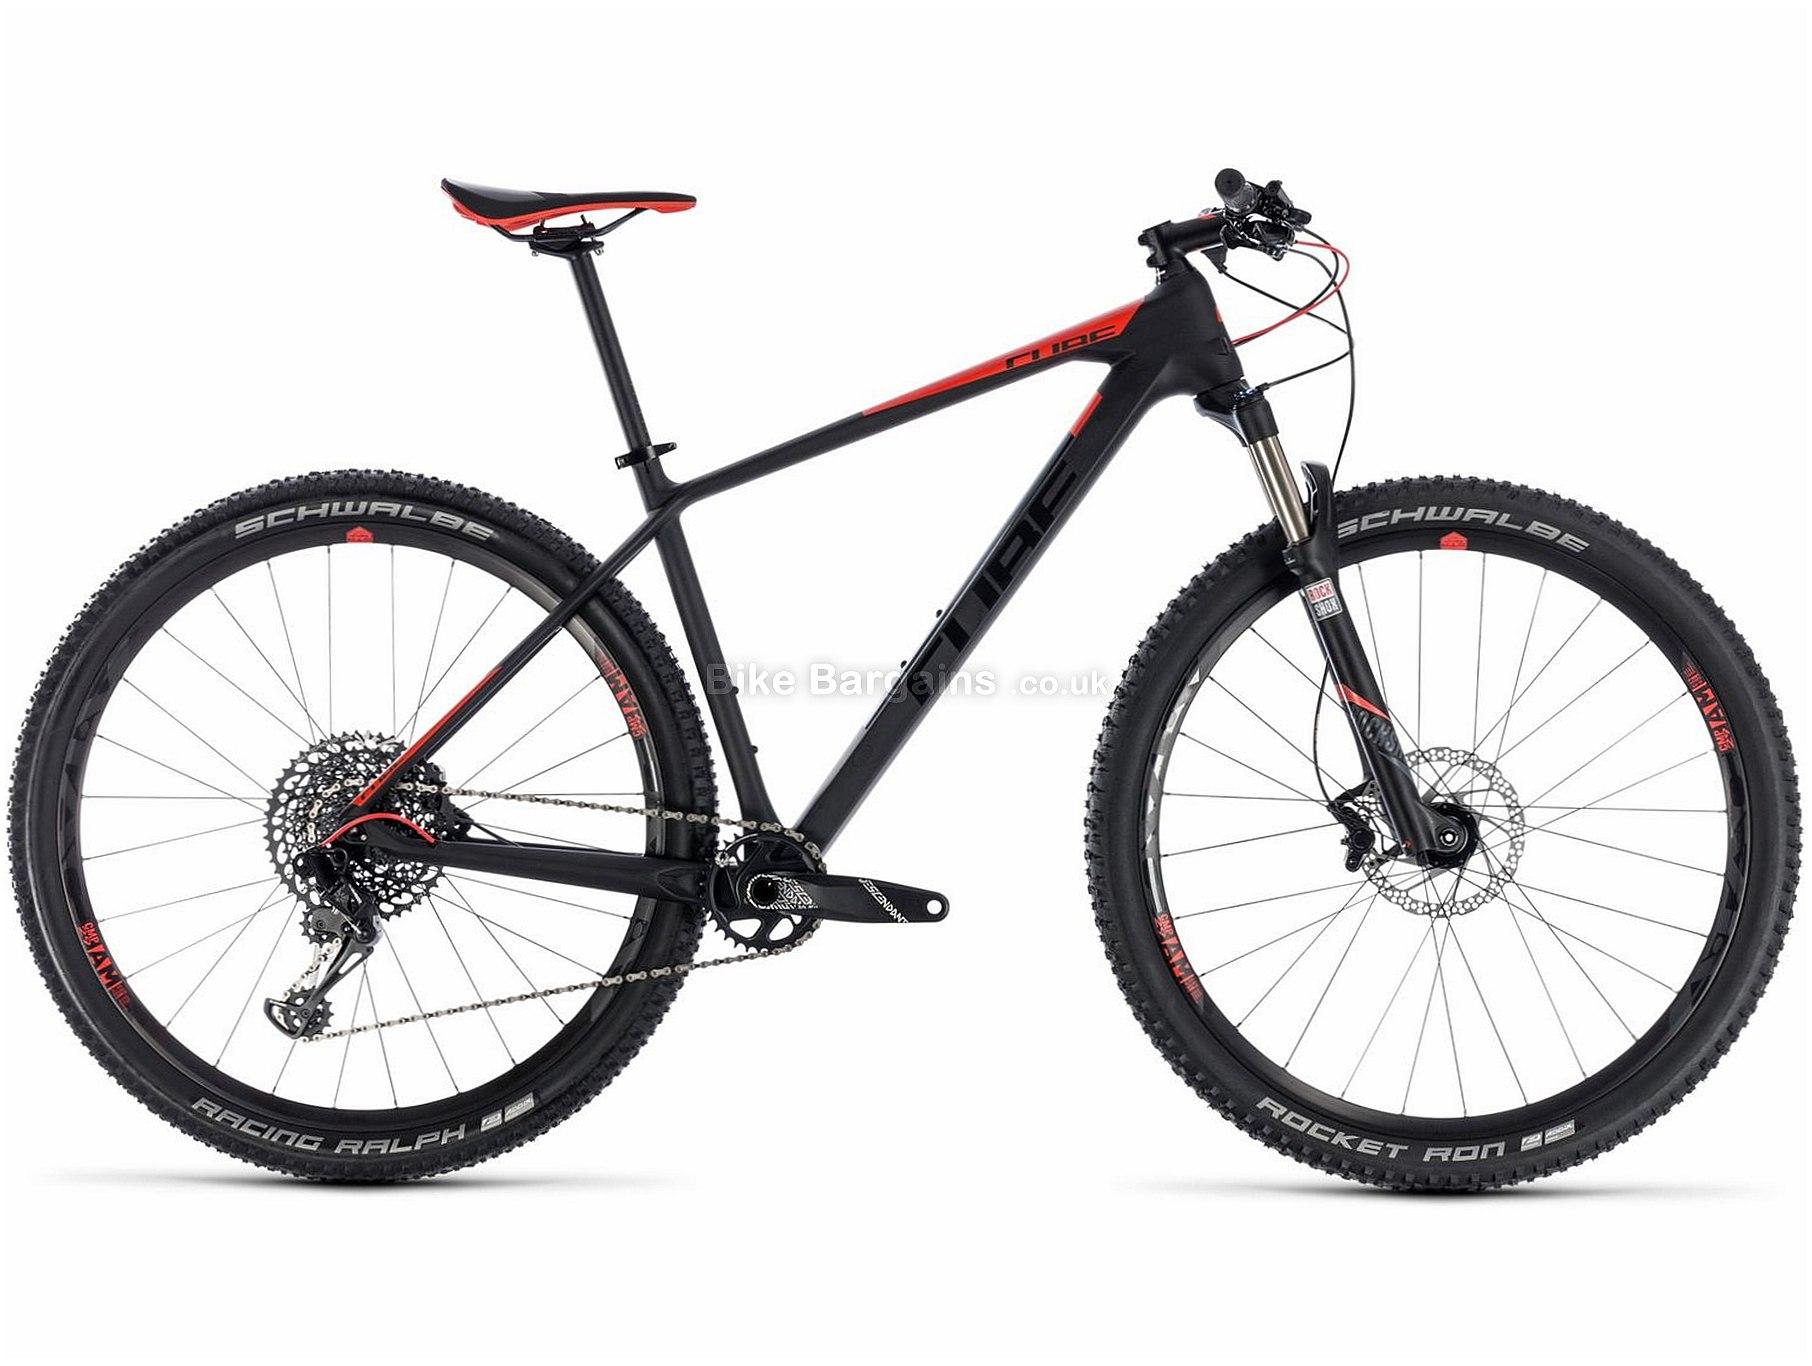 Cube Reaction C 62 Pro 29 Quot Carbon Hardtail Mountain Bike